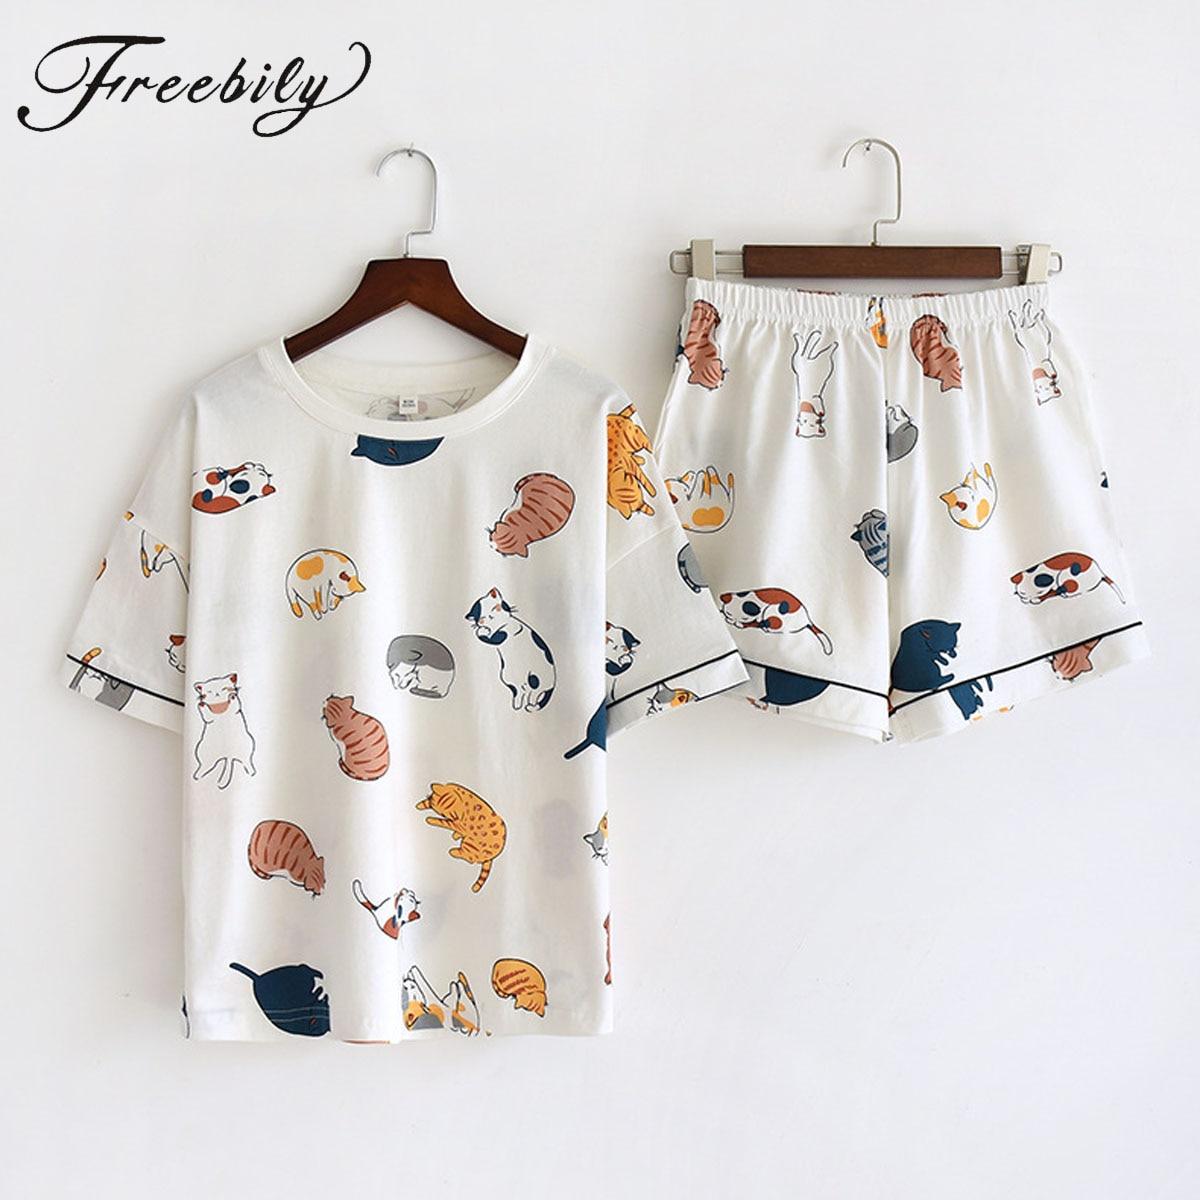 Женский хлопковый пижамный комплект с коротким рукавом и принтом кошки, милая одежда для сна, повседневные свободные шорты, PJ комплекты